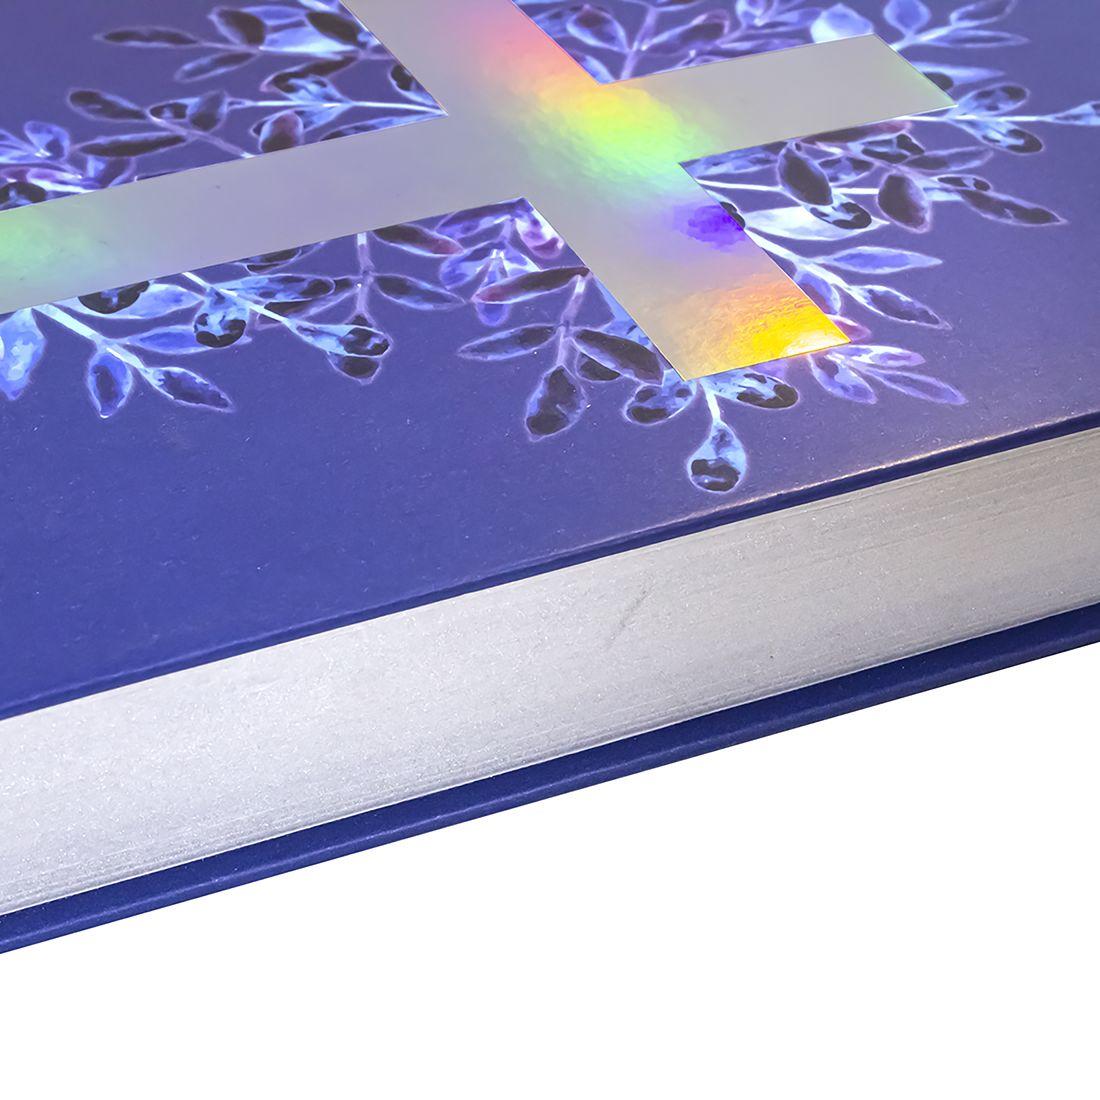 Bíblia Sagrada Evangélica ARA Lettering Capa Dura Cruz Luz Linguagem Atualizada